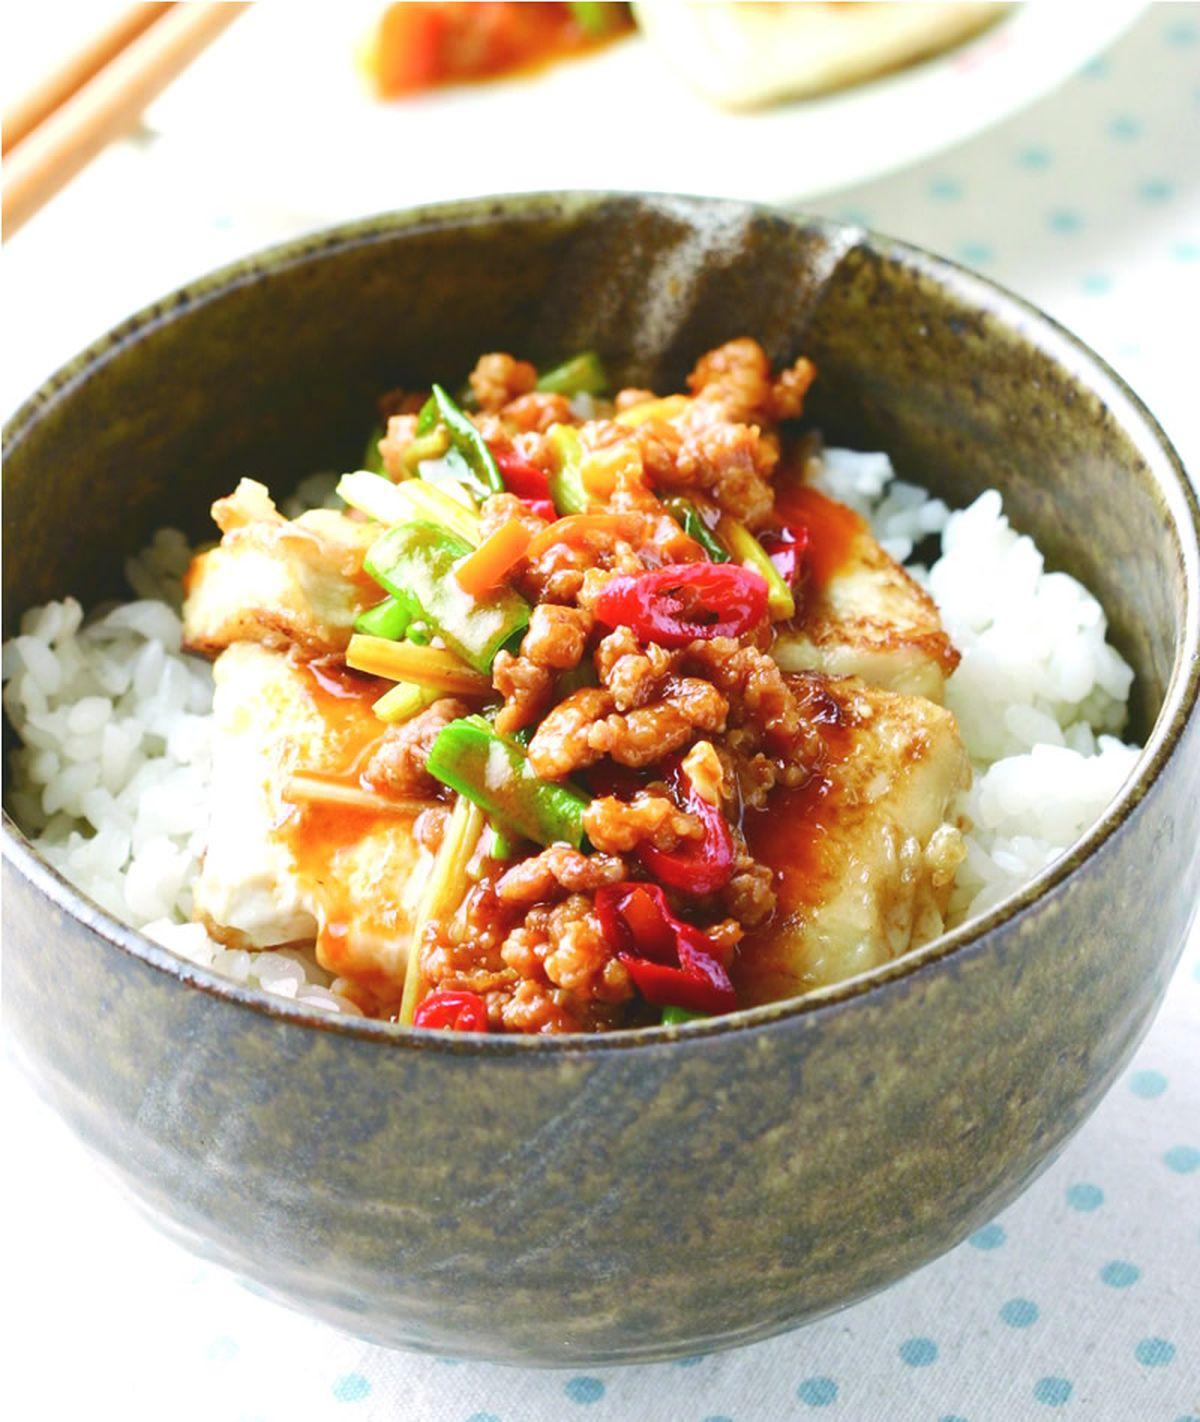 食譜:泰式肉末煎豆腐飯